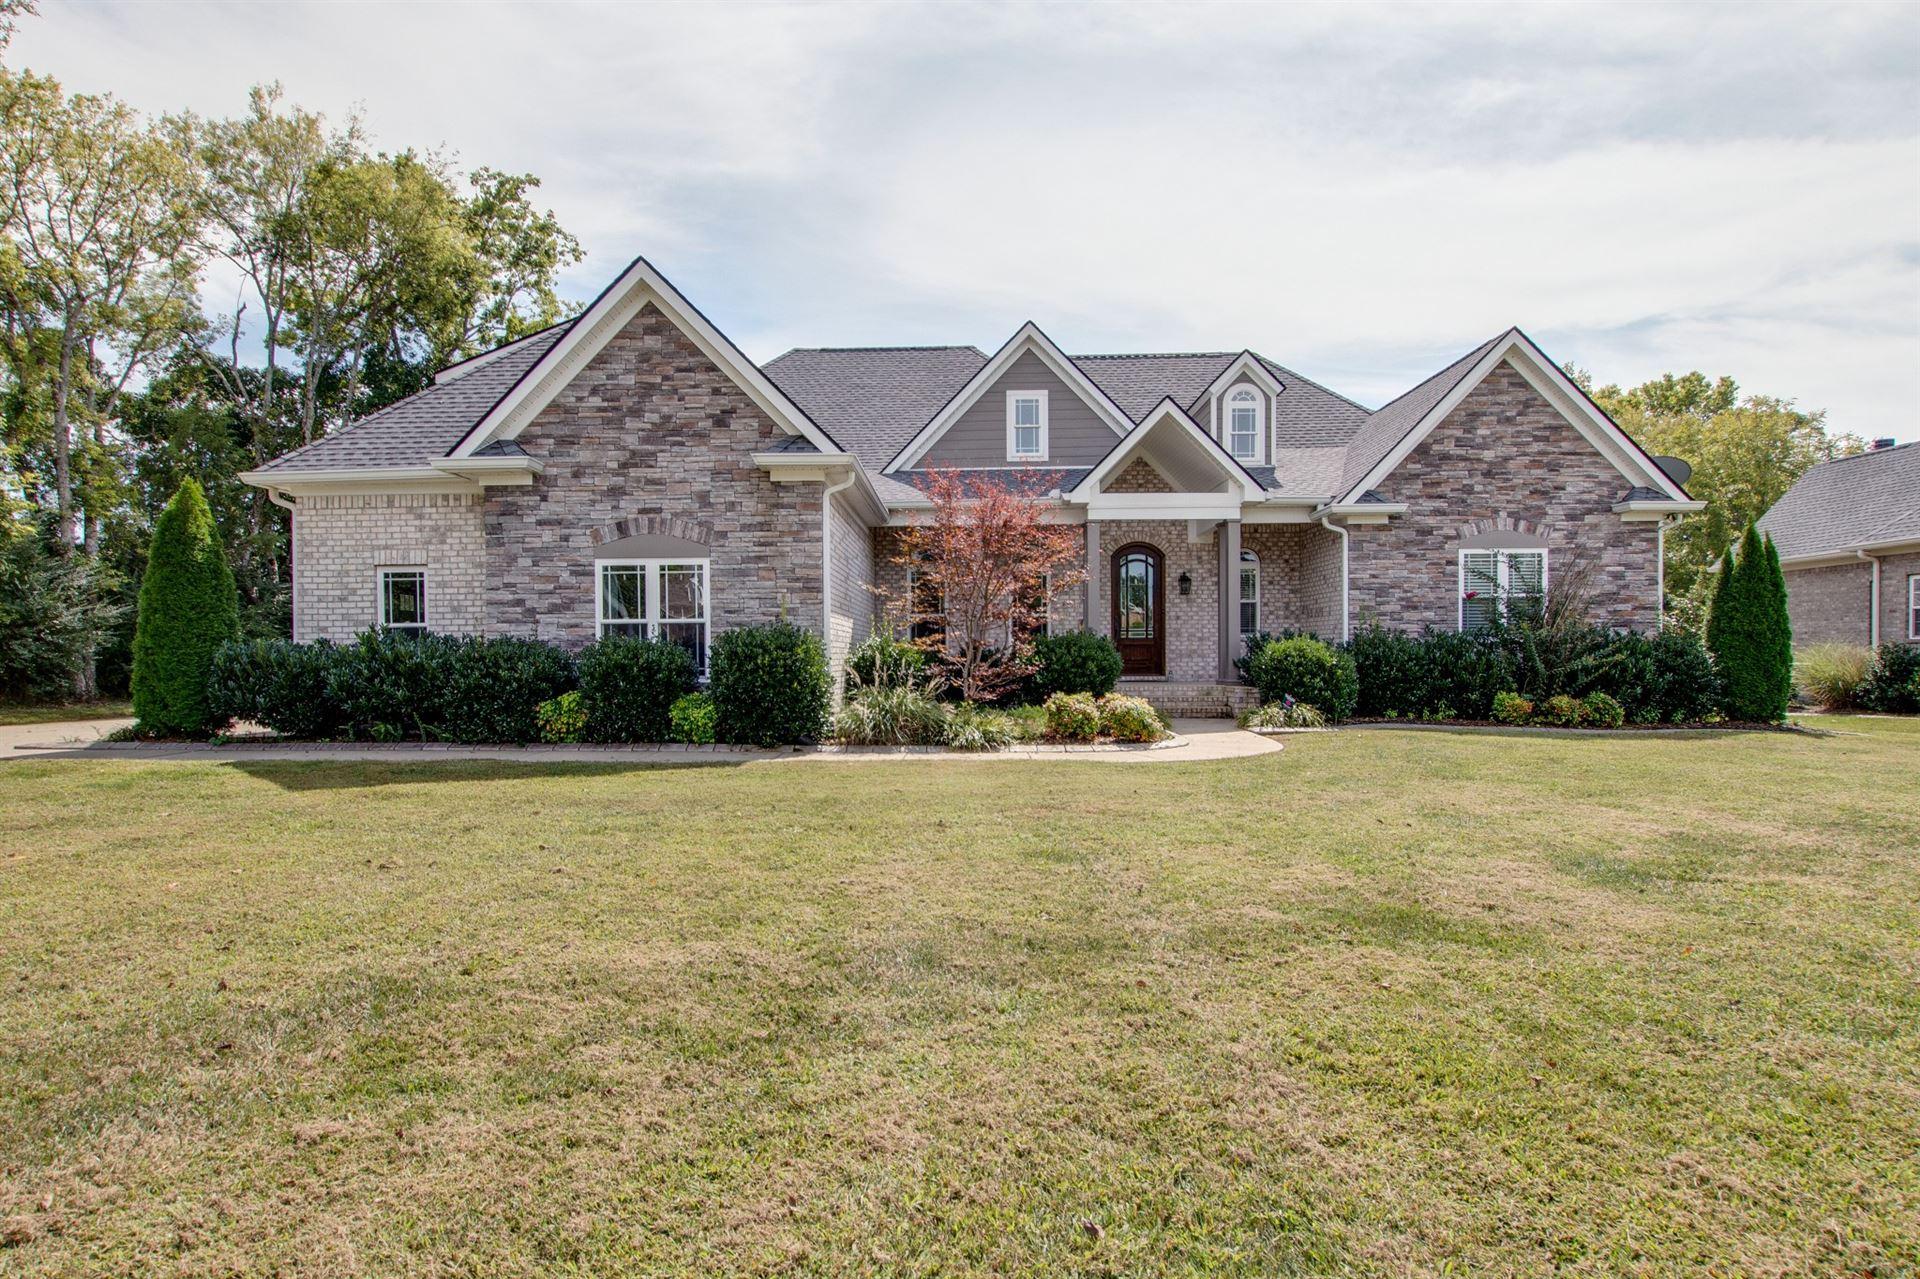 Photo of 1152 Compton Rd, Murfreesboro, TN 37130 (MLS # 2192196)